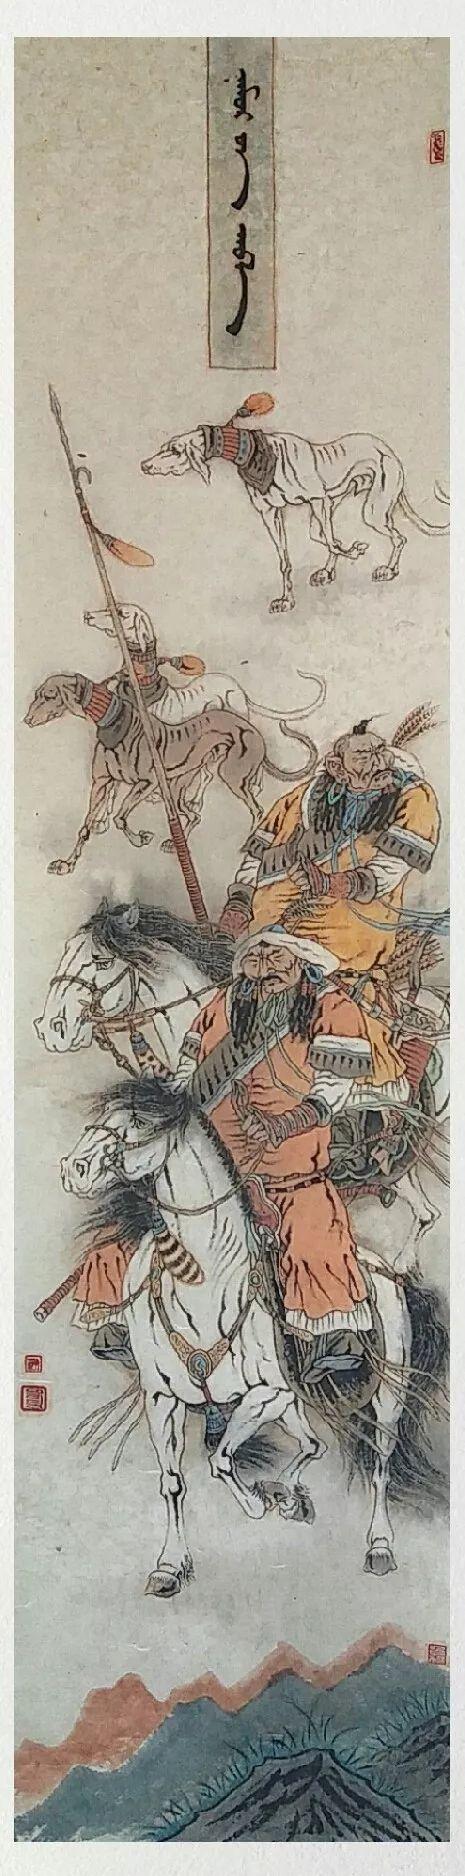 内蒙古当代美术家系列——白嘎力中国画作品选 第17张 内蒙古当代美术家系列——白嘎力中国画作品选 蒙古画廊